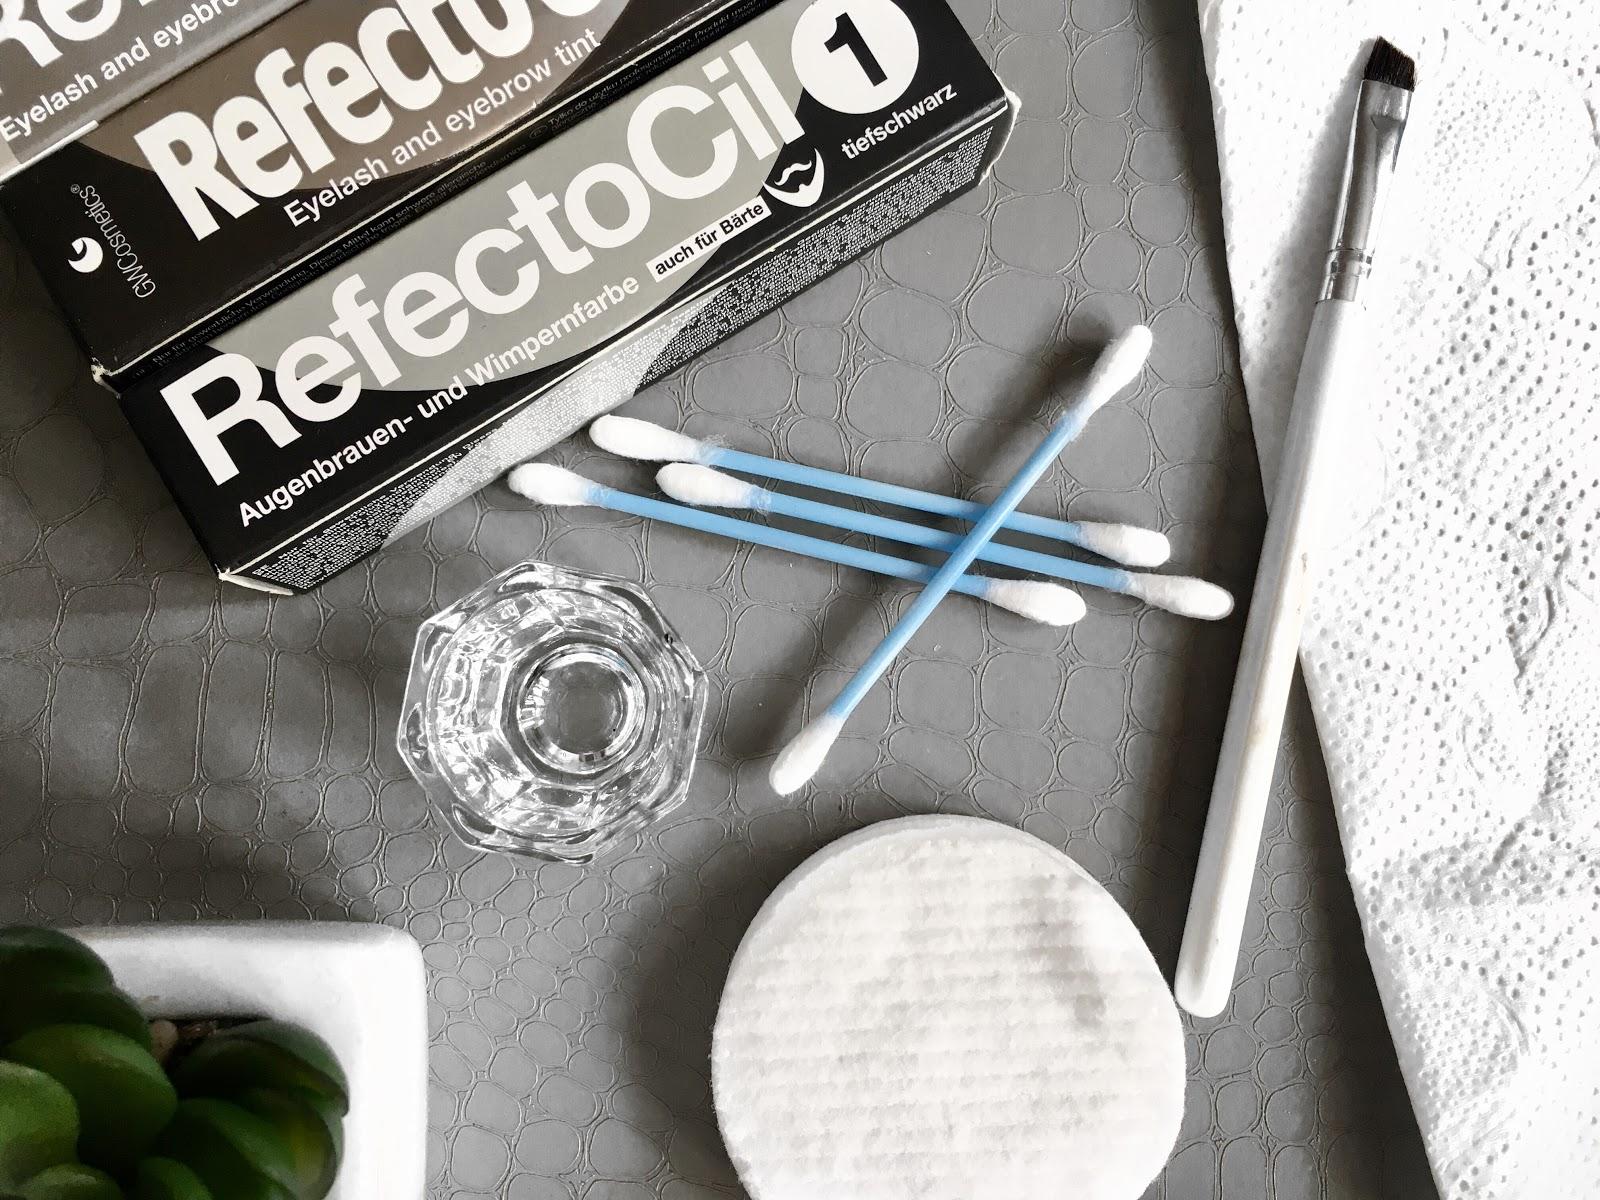 Jak zrobić hennę brwi i rzęs w domu - RefectoCil. Mój sposób + efekty